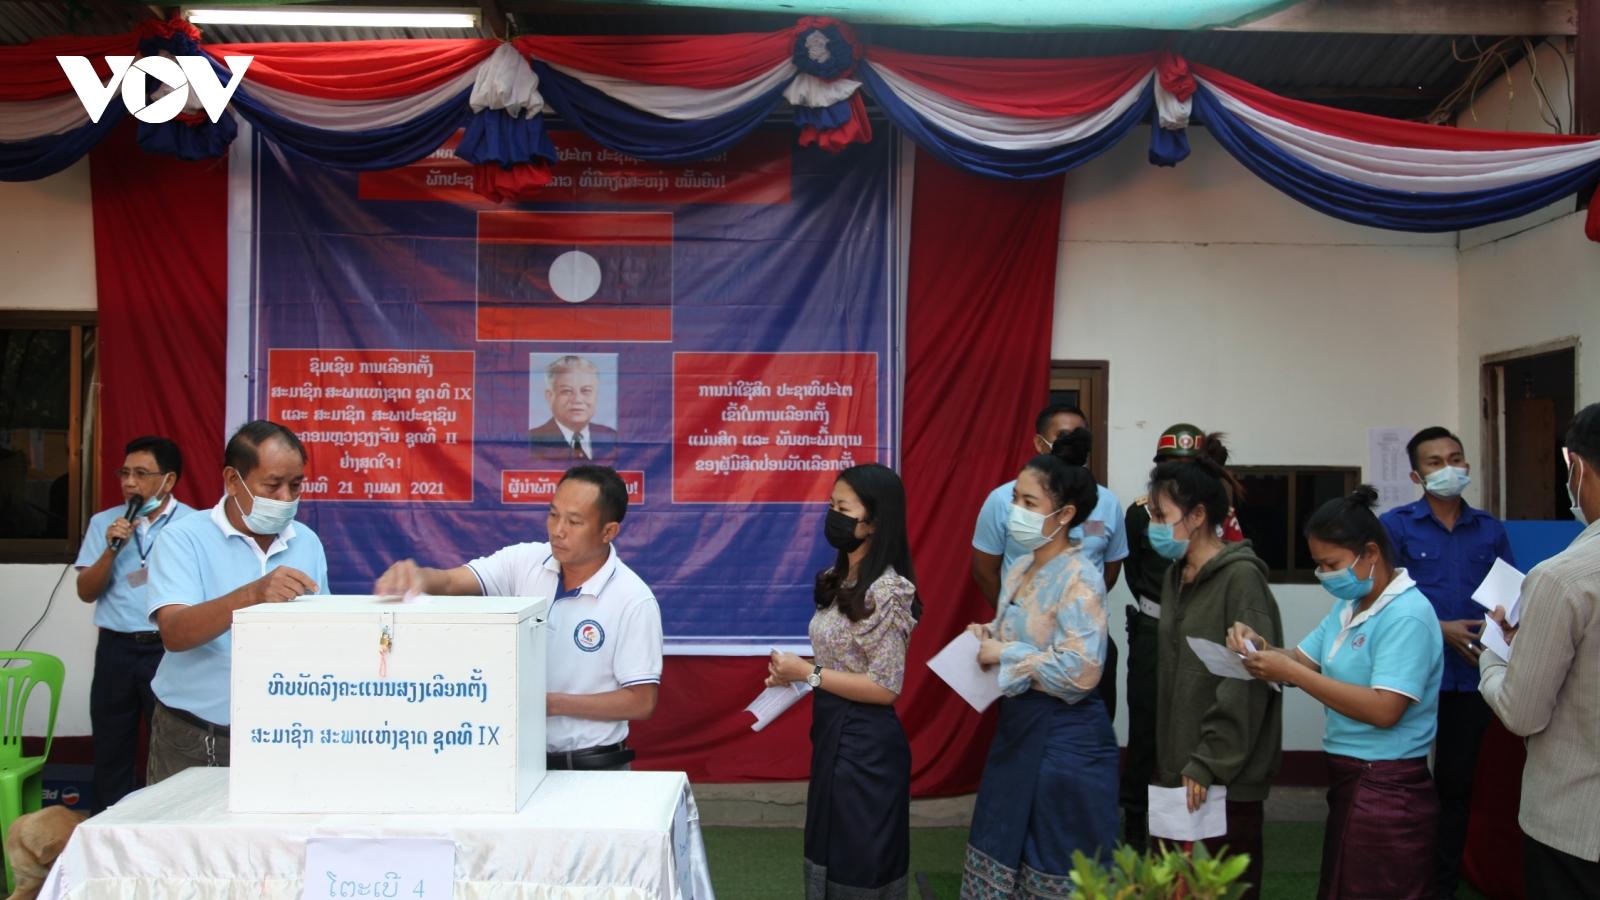 Hơn 4 triệu cử tri Lào đi bầu đại biểu Quốc hội và Hội đồng nhân dân cấp tỉnh, thành phố